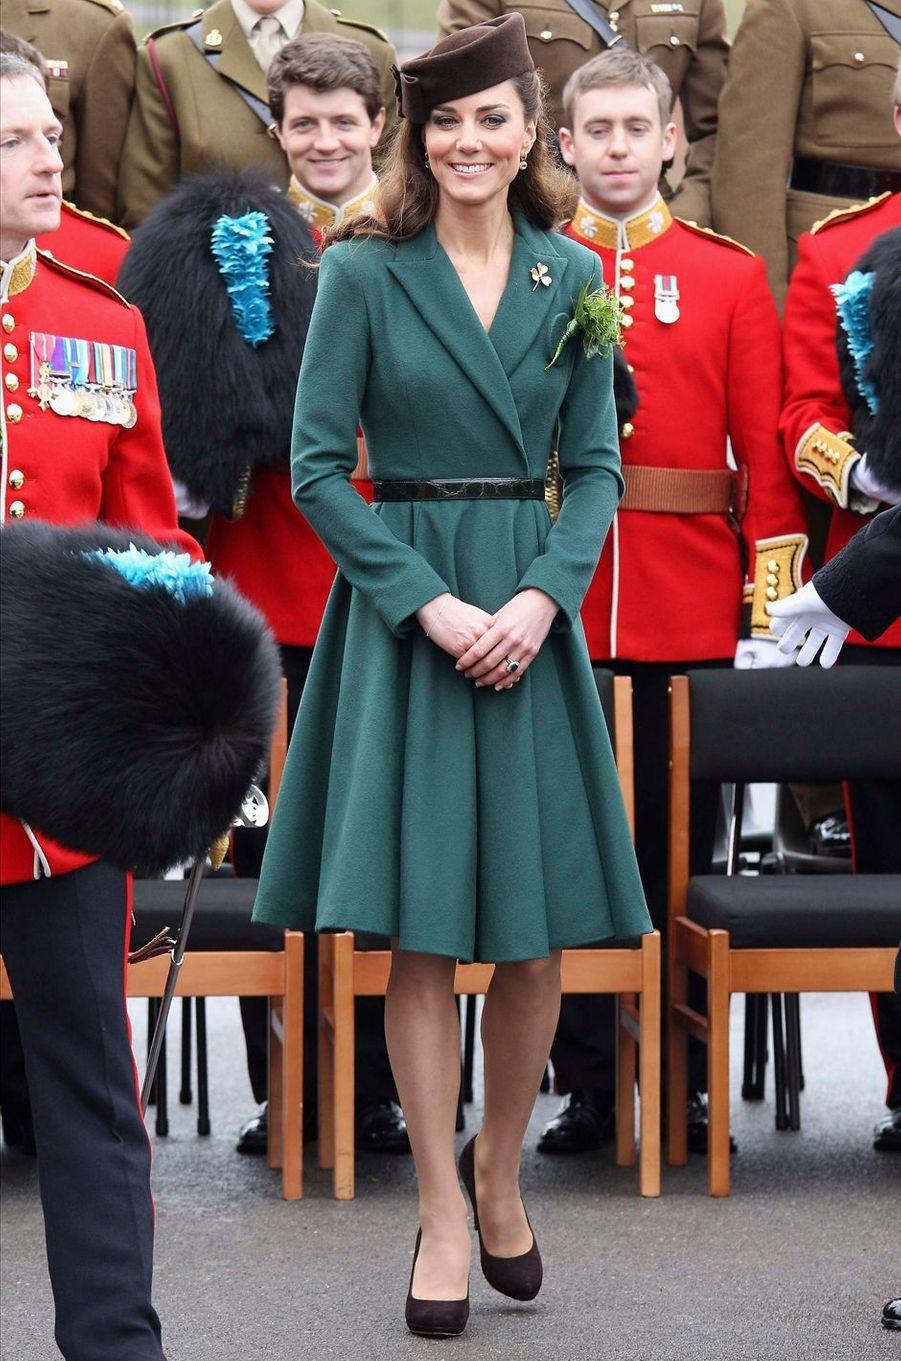 La duchesse de Cambridge, née Kate Middleton, en Emilia Wickstead pour la St Patrick à Aldershot, le 17 mars 2012